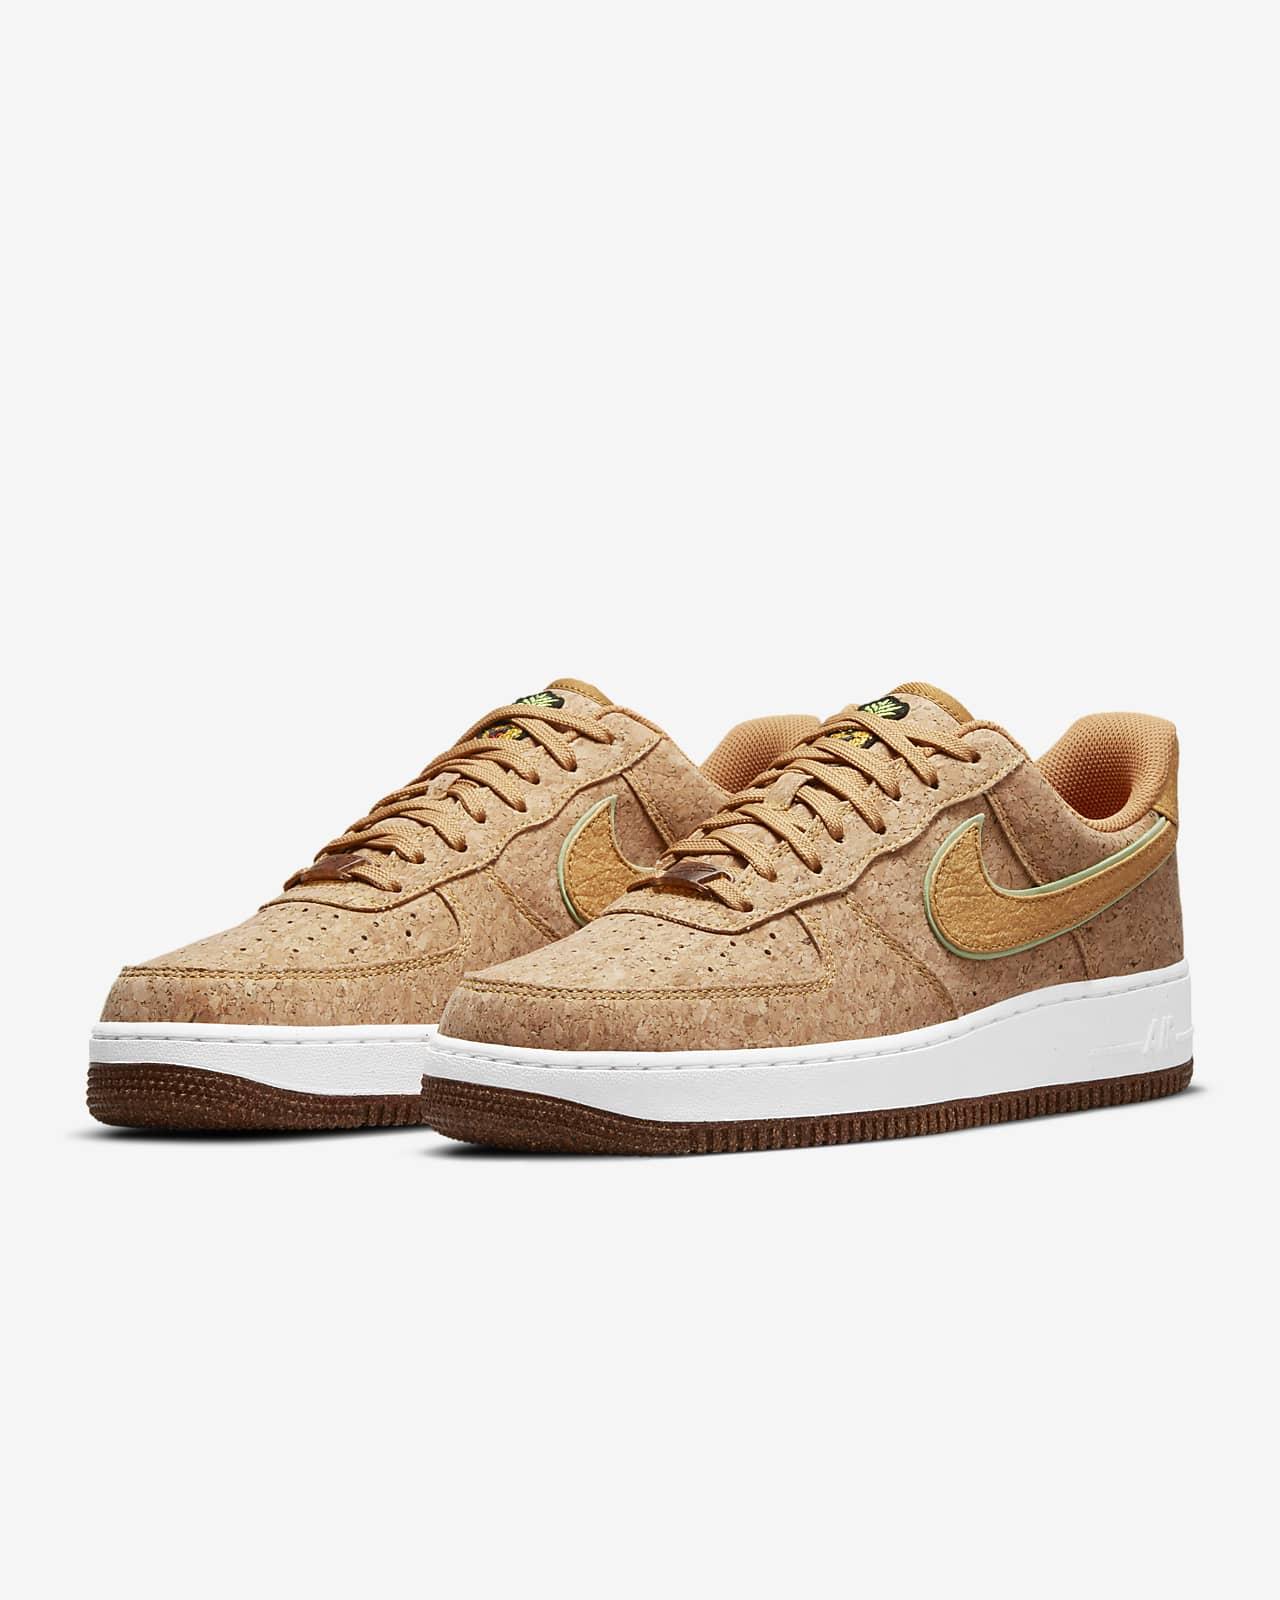 Nike Air Force 1 '07 Premium Men's Shoes